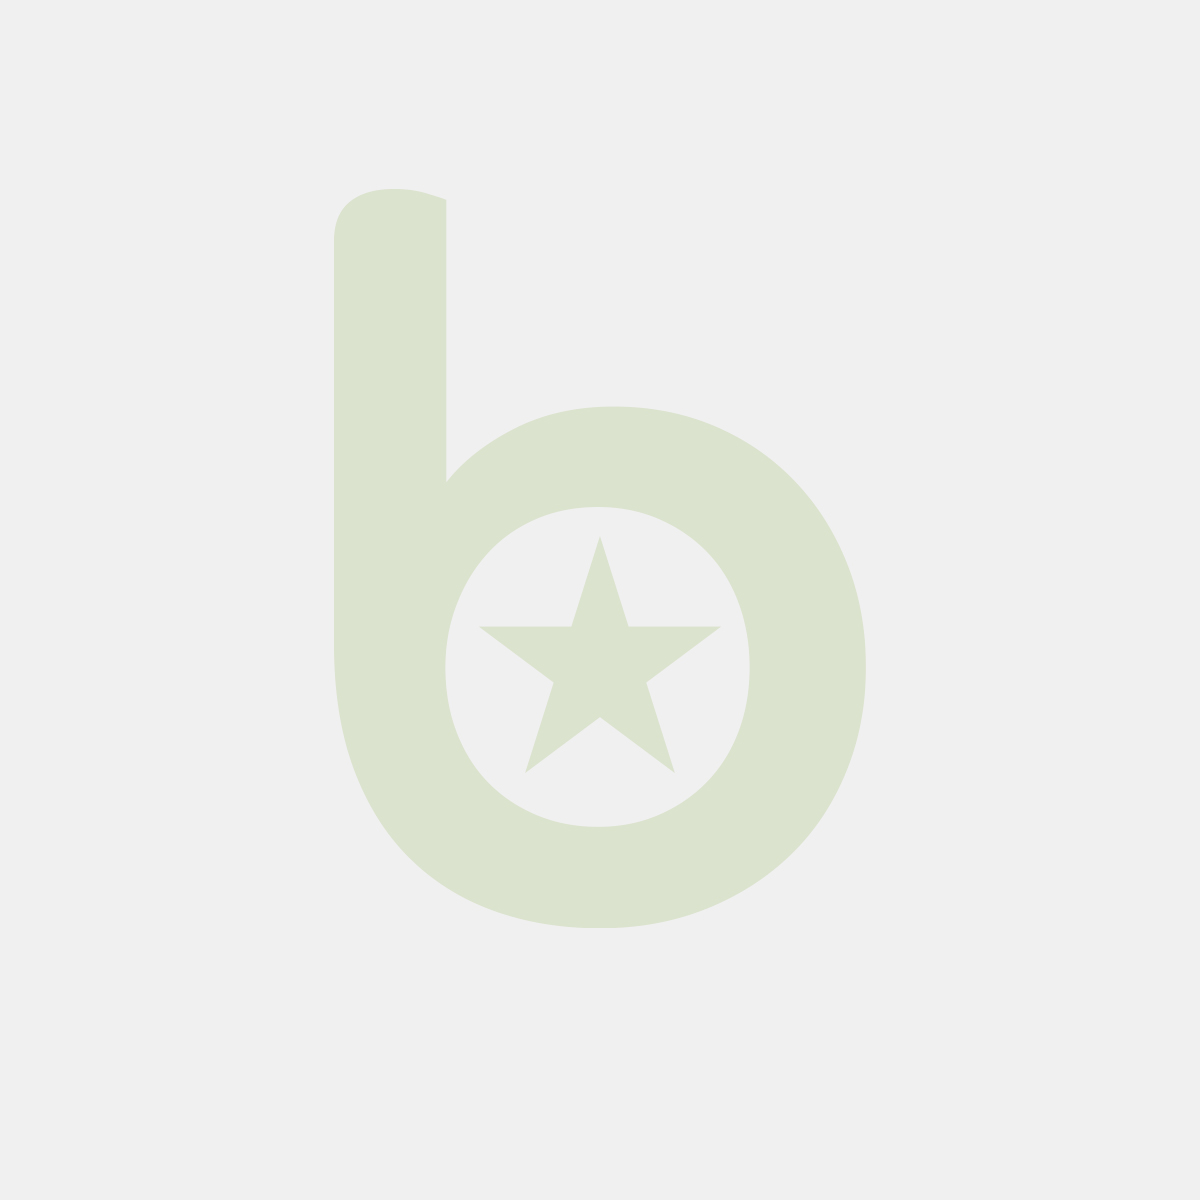 Miseczka FINGERFOOD czarna, szer/dł/wys: 6,2/6,2/5,5 , PS, 25 szt. w opakowaniu